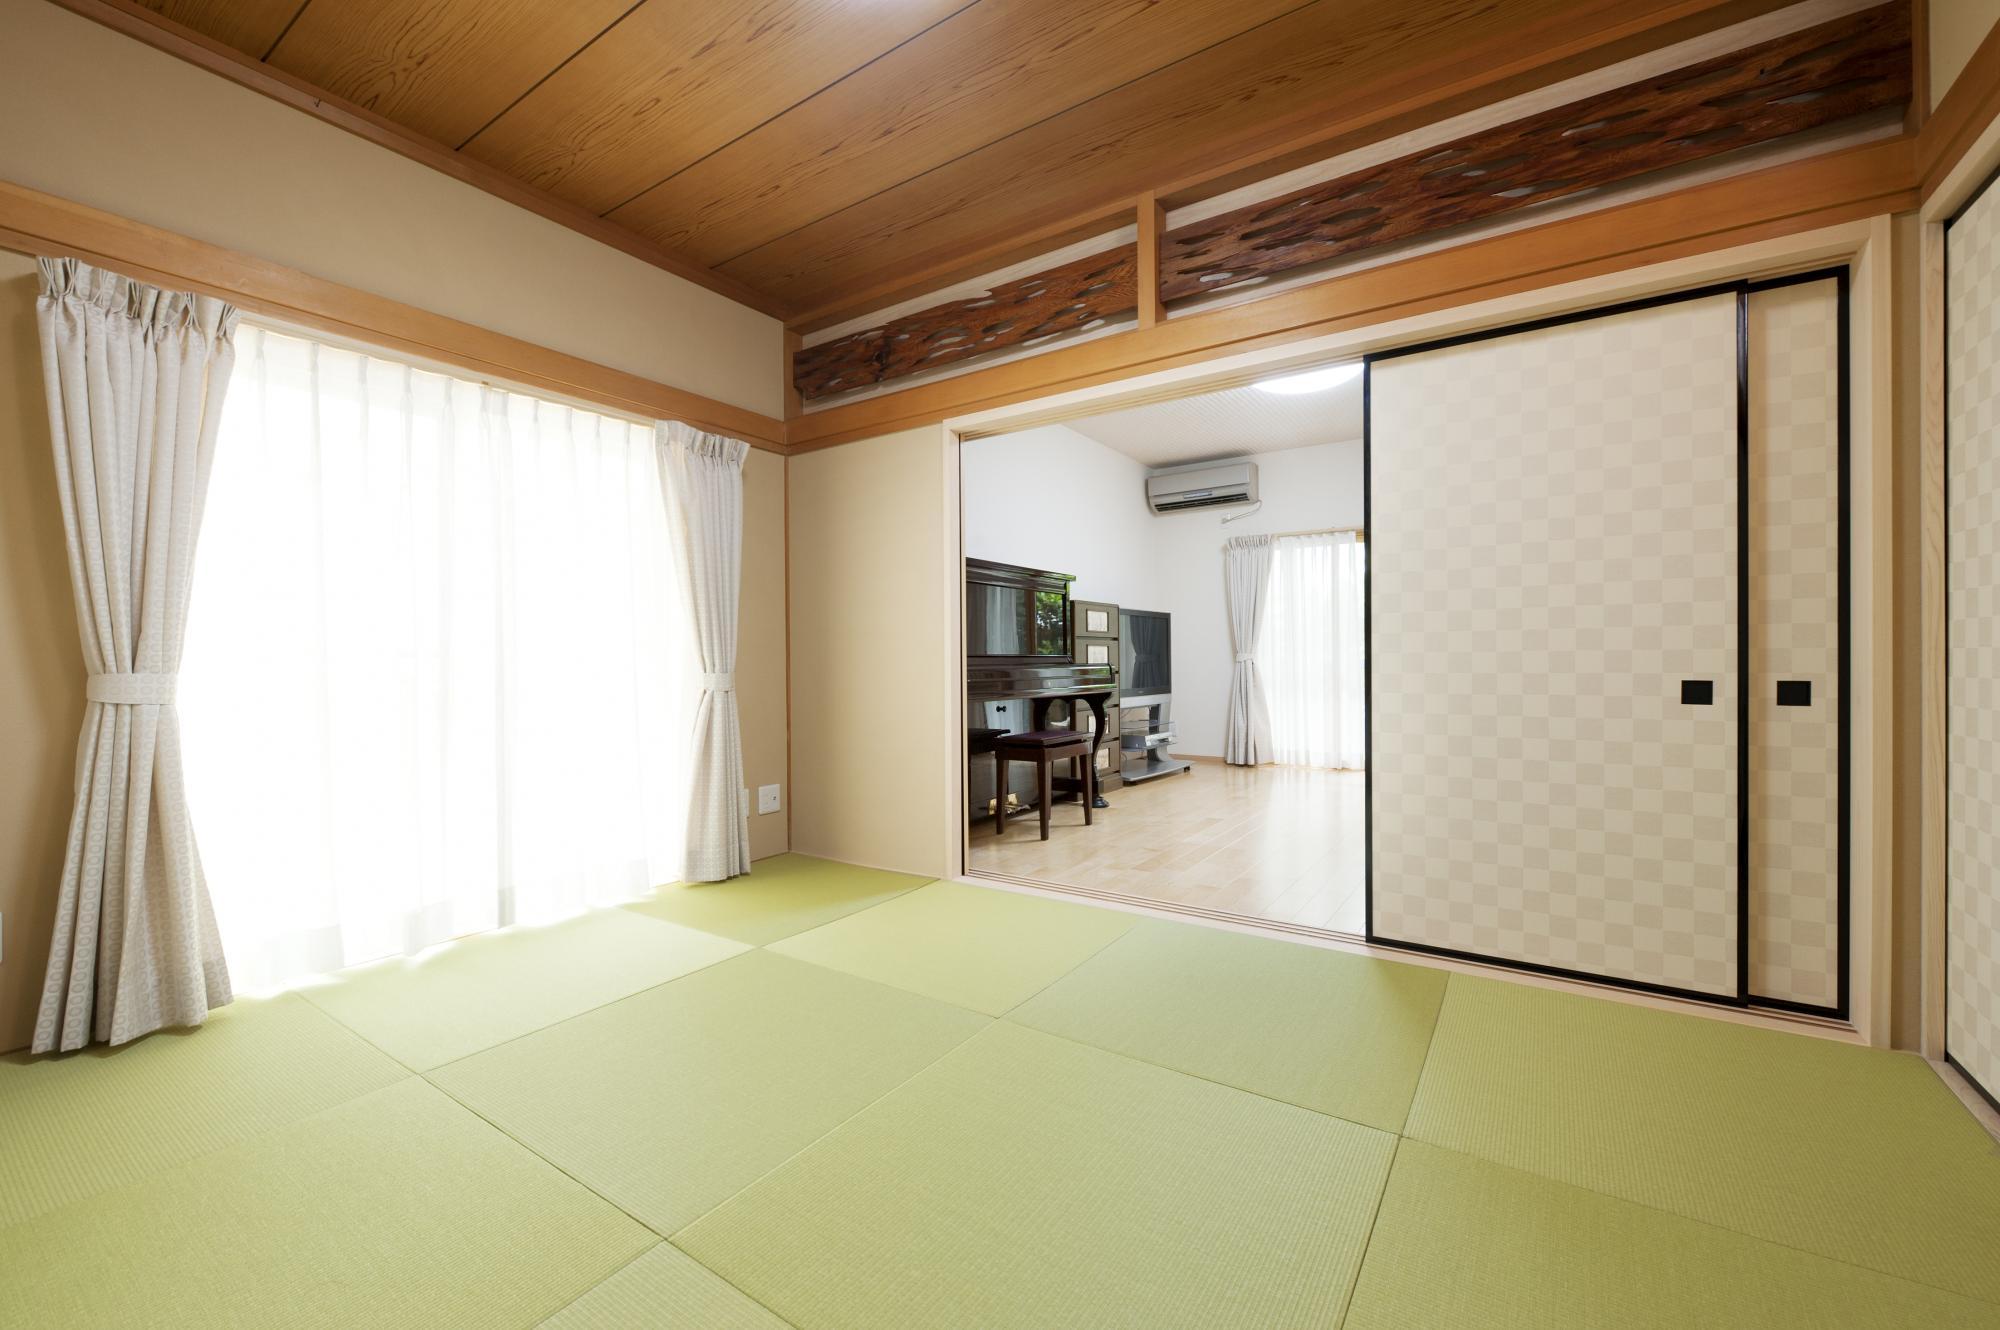 二間続きだった和室の南側をお母さまの個室に変更。広縁も居室に取り込み、明るく居心地のいい部屋にした